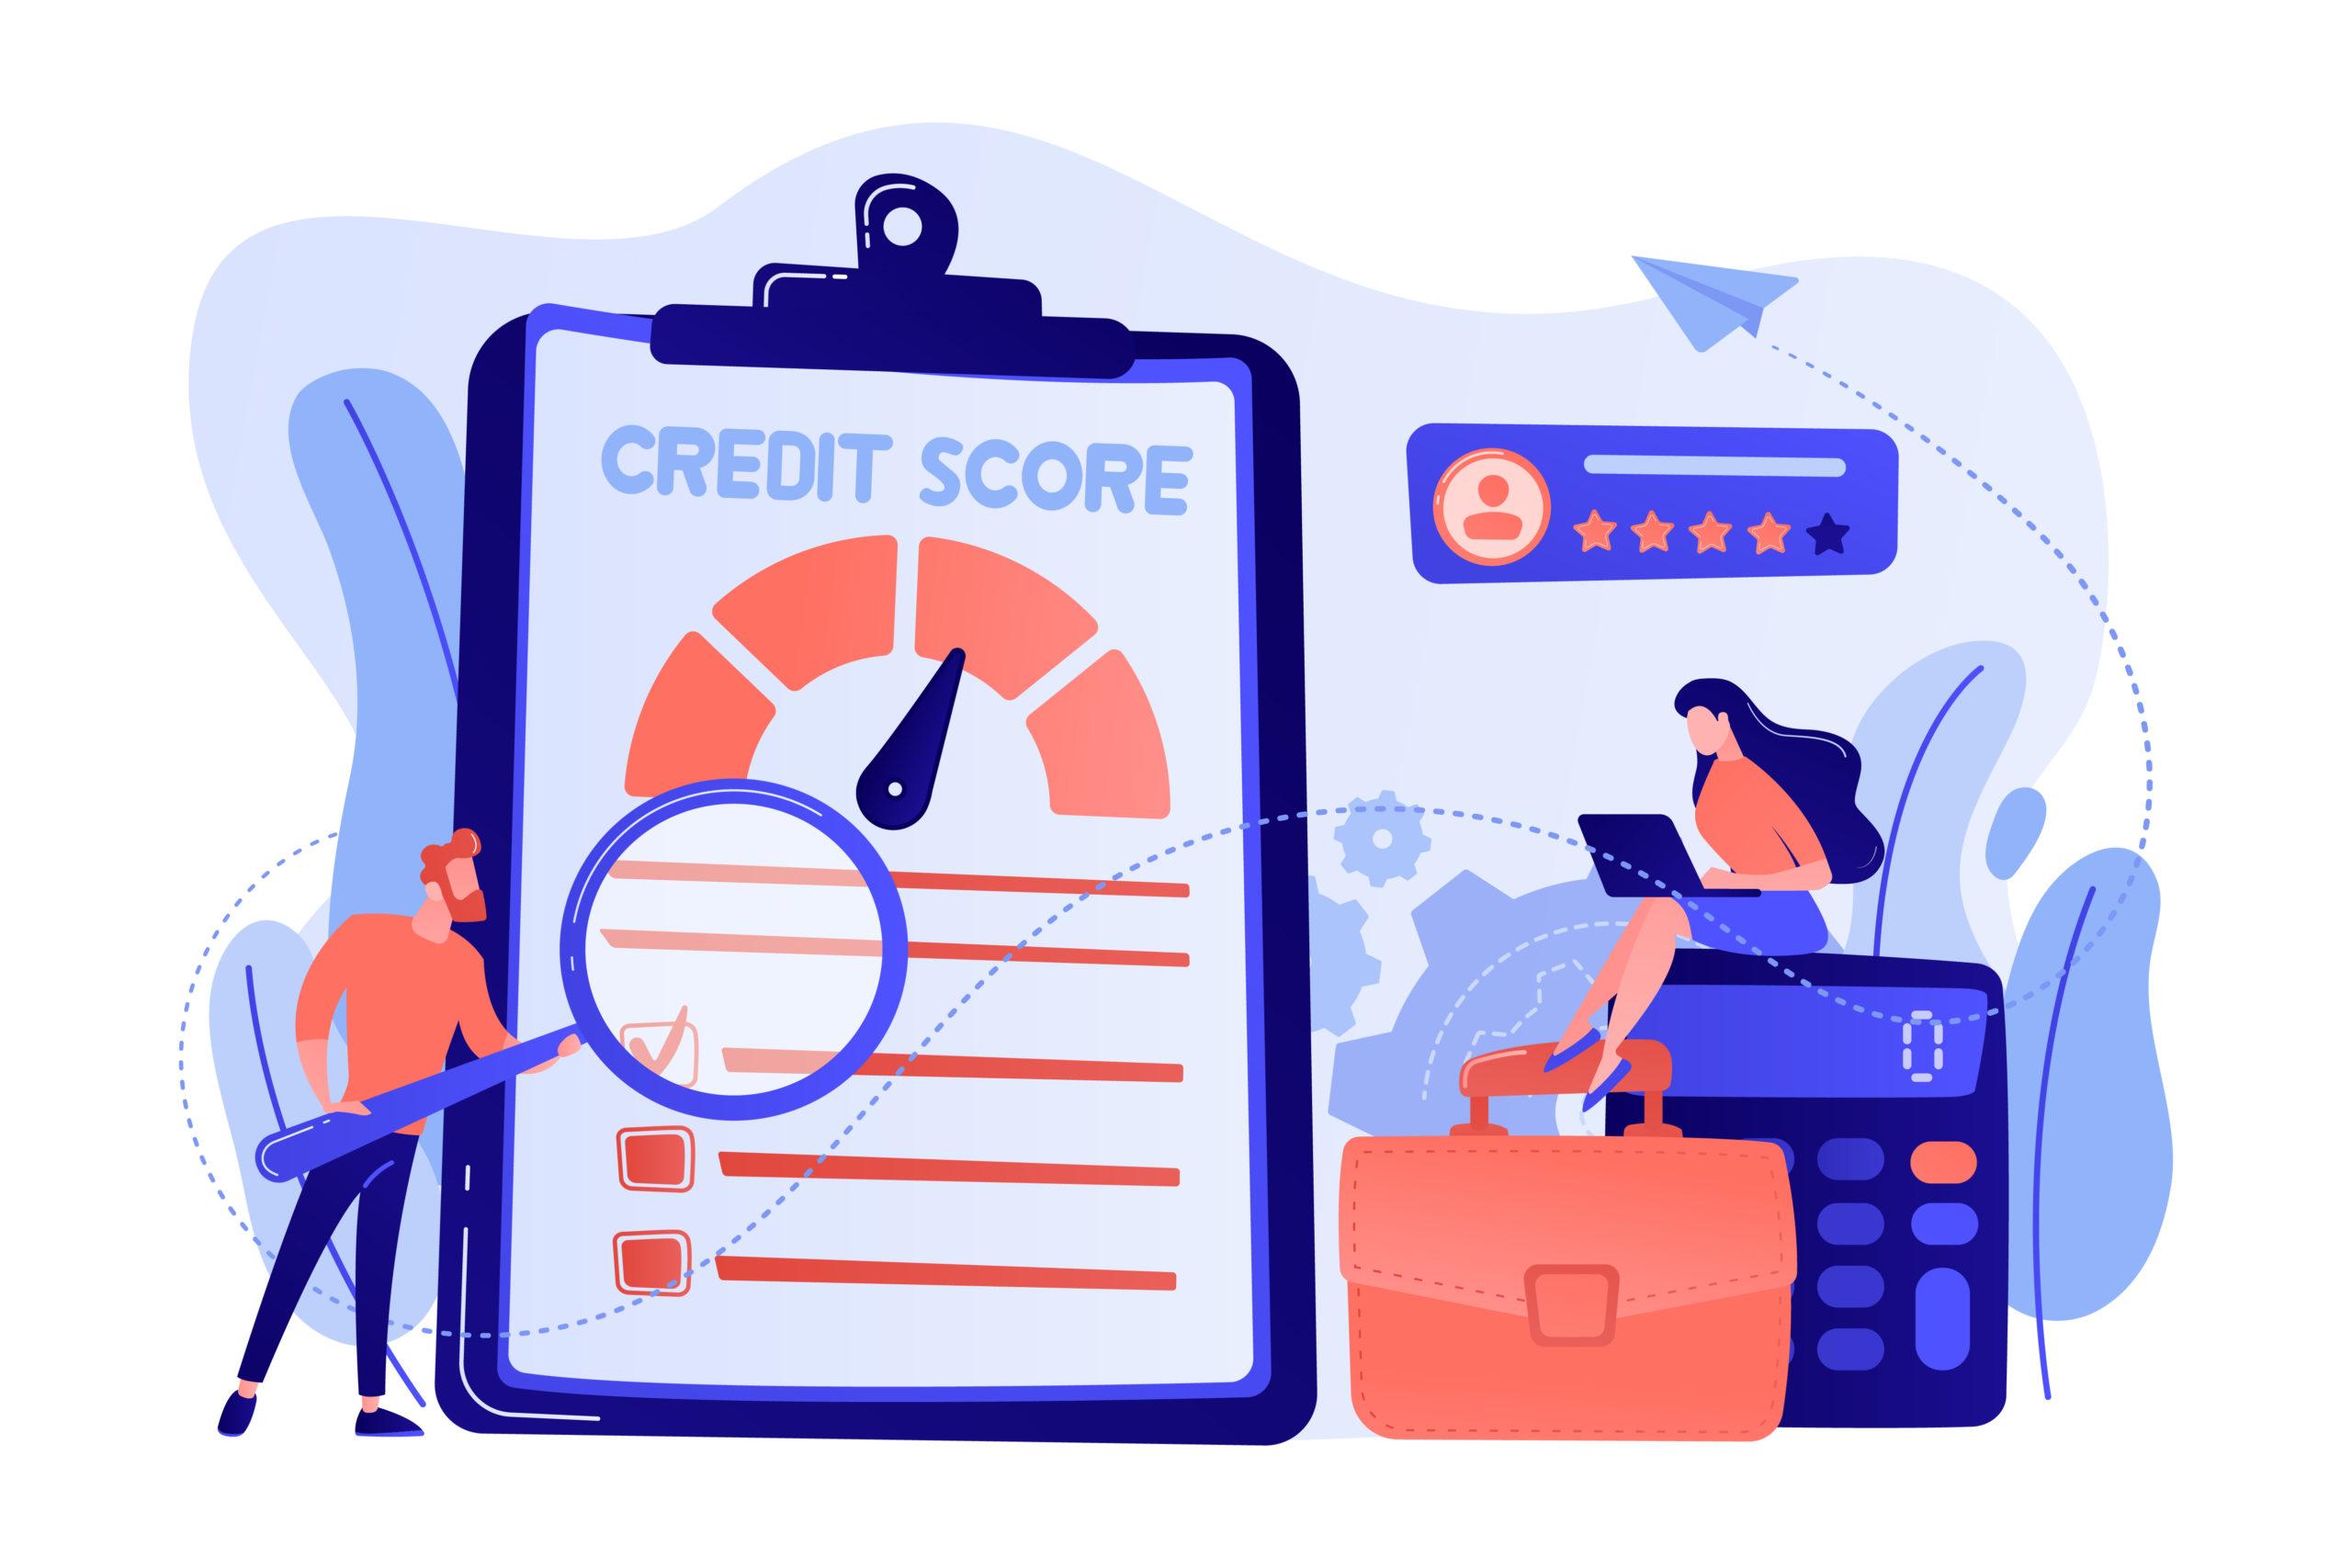 Năng lực chi trả cũng được thể hiện qua điểm tín dụng